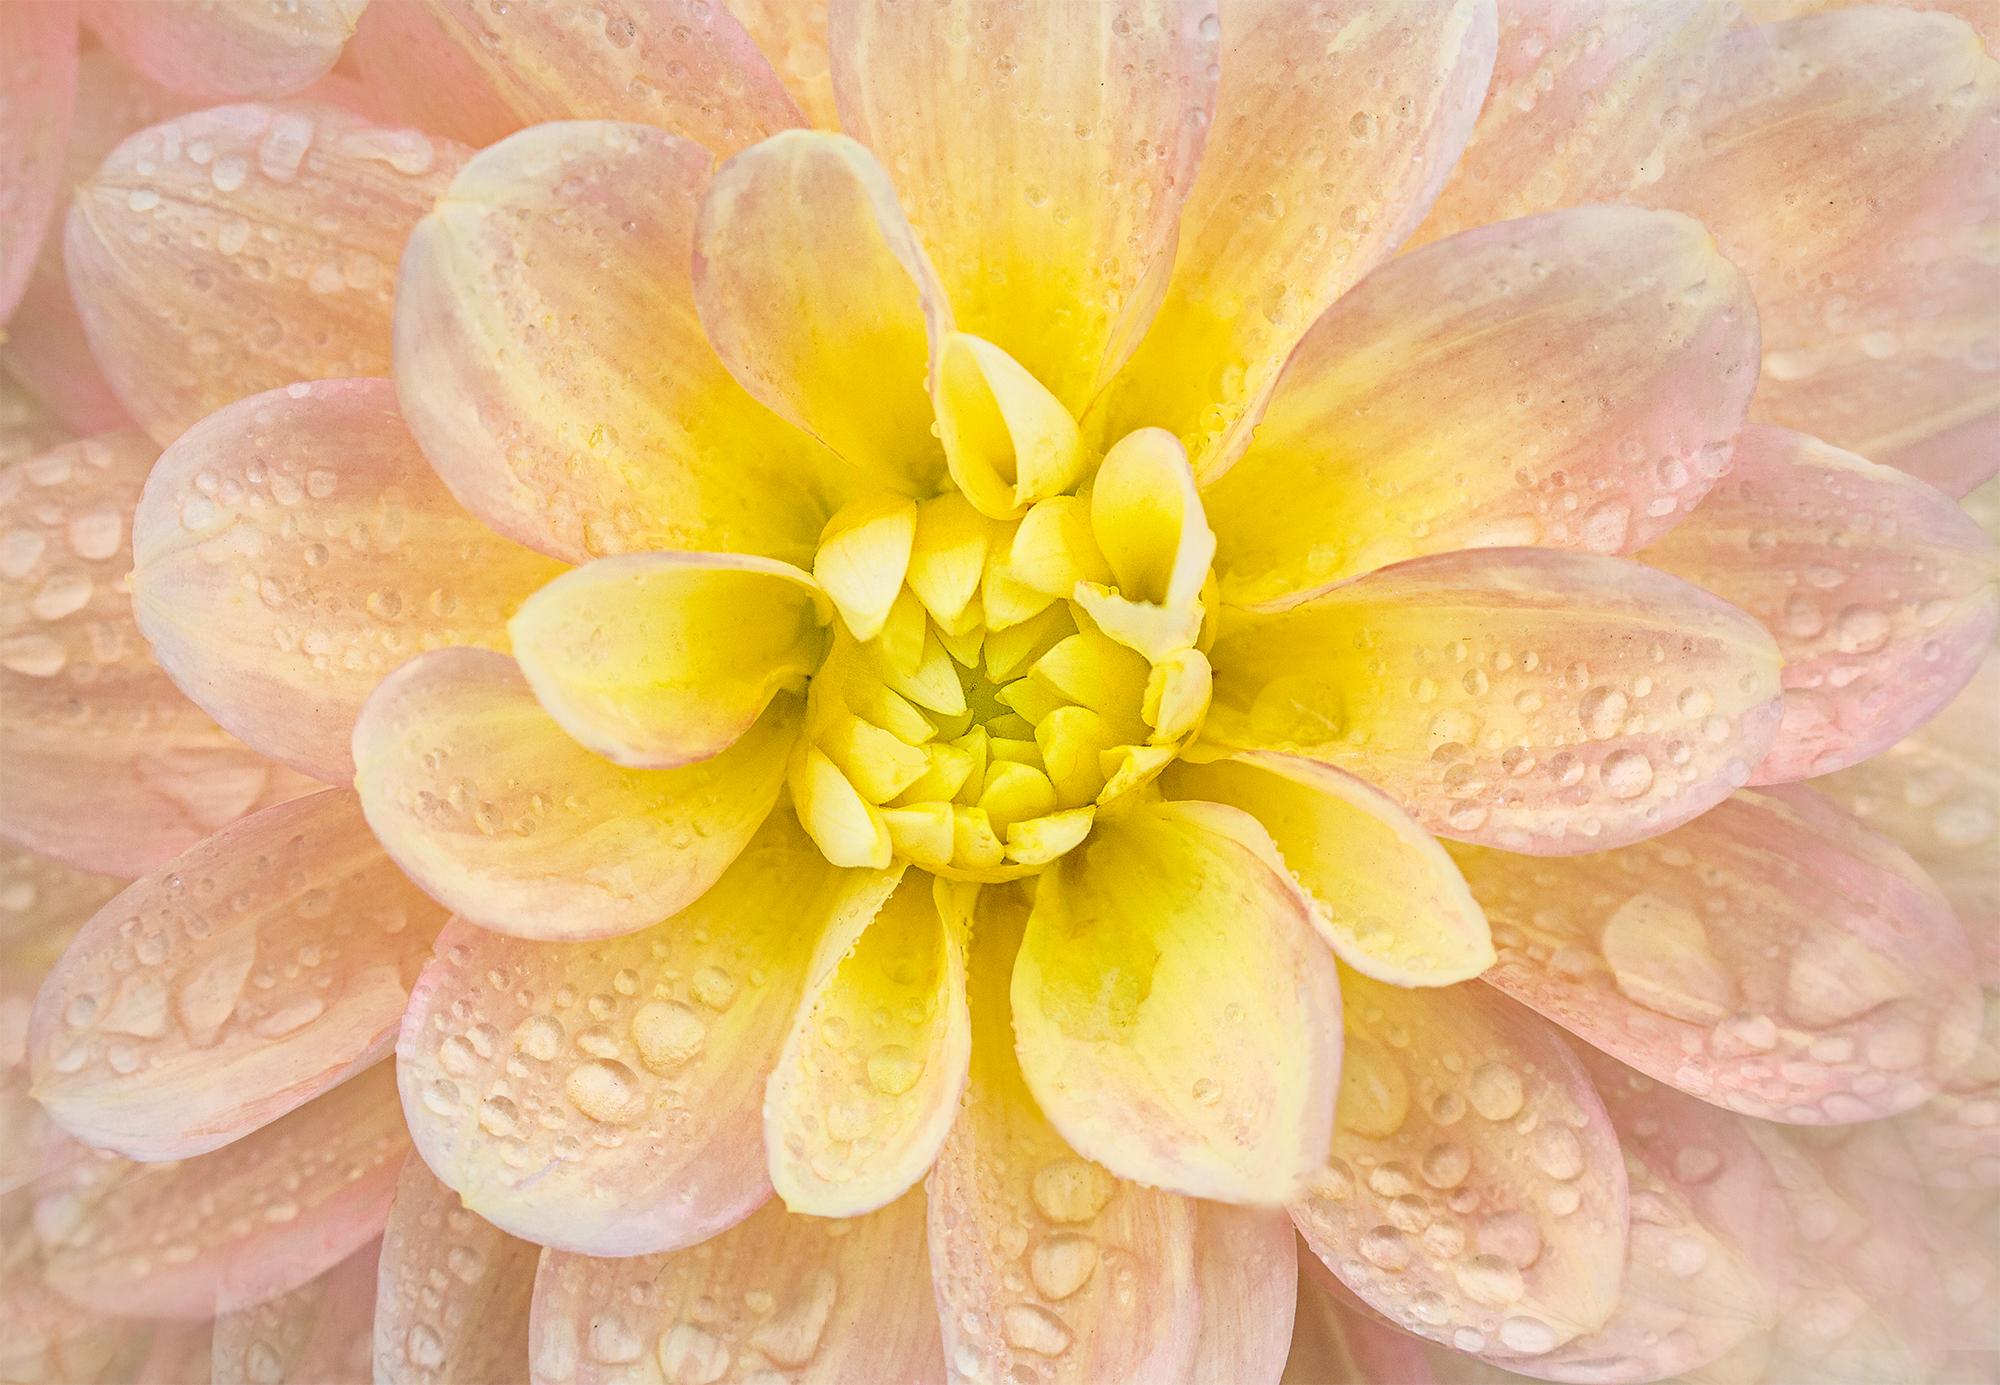 dahlia petals and raindrops.jpg